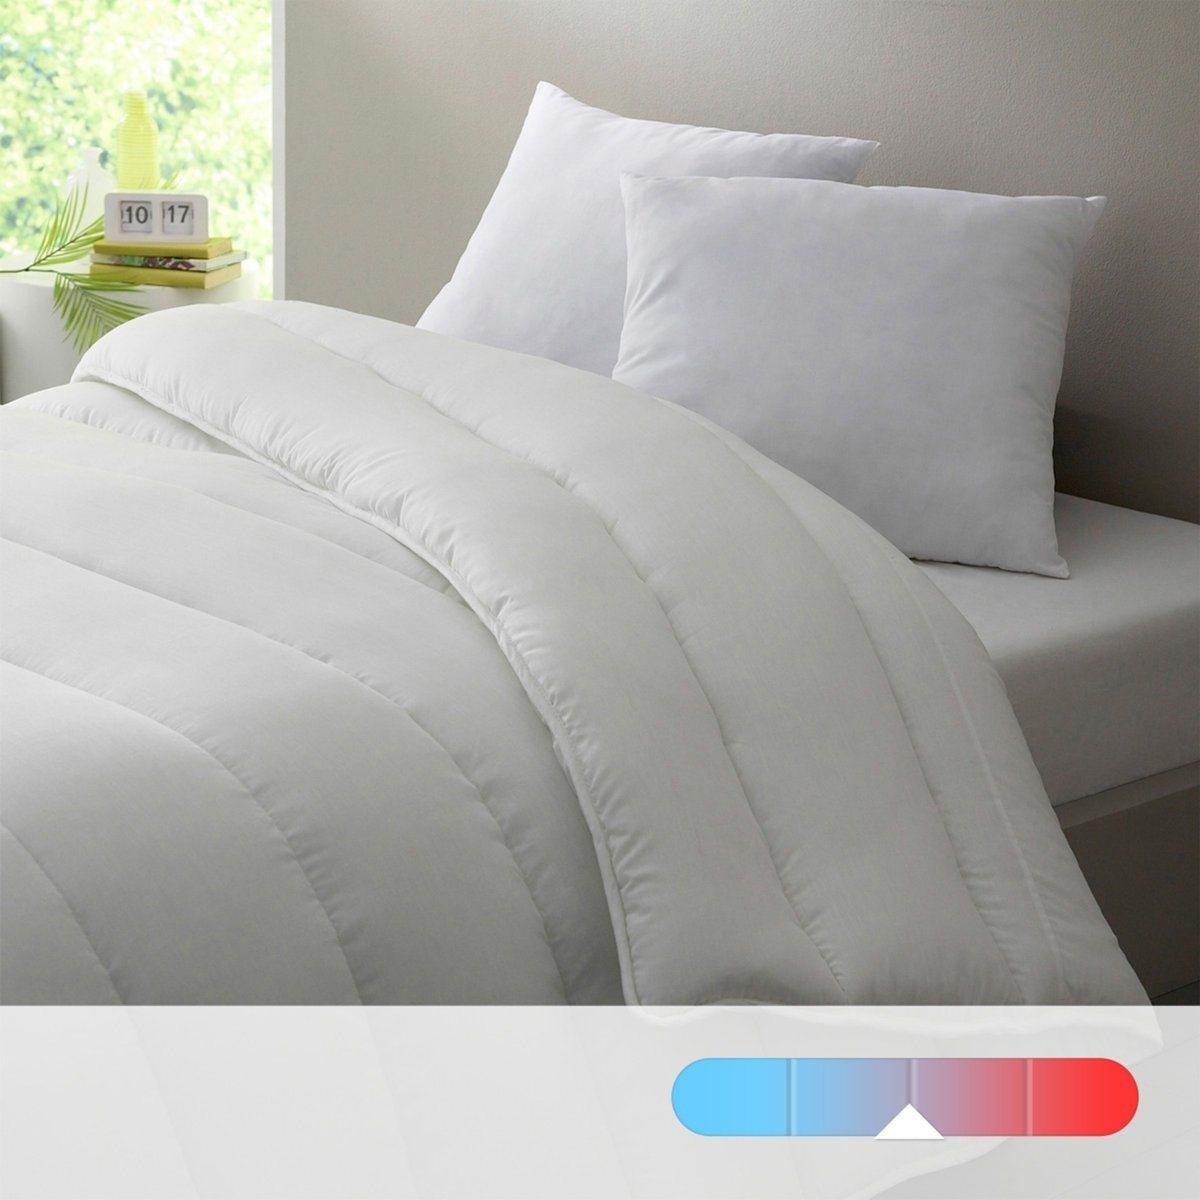 Одеяло 300 г/м?, 100% полиэстера, подвергнутый САНИТАРНОЙ ОБРАБОТКЕ300 г/м? : одеяло средней толщины, идеально подходит для комнат с умеренной температурой от 15 до 20 °C.Наполнитель : 100% полиэстераЧехол : 100% полиэстера. Отделка бейкой. Прострочка : под угломМашинная стирка при 30 °C<br><br>Цвет: белый<br>Размер: 140 x 200  см